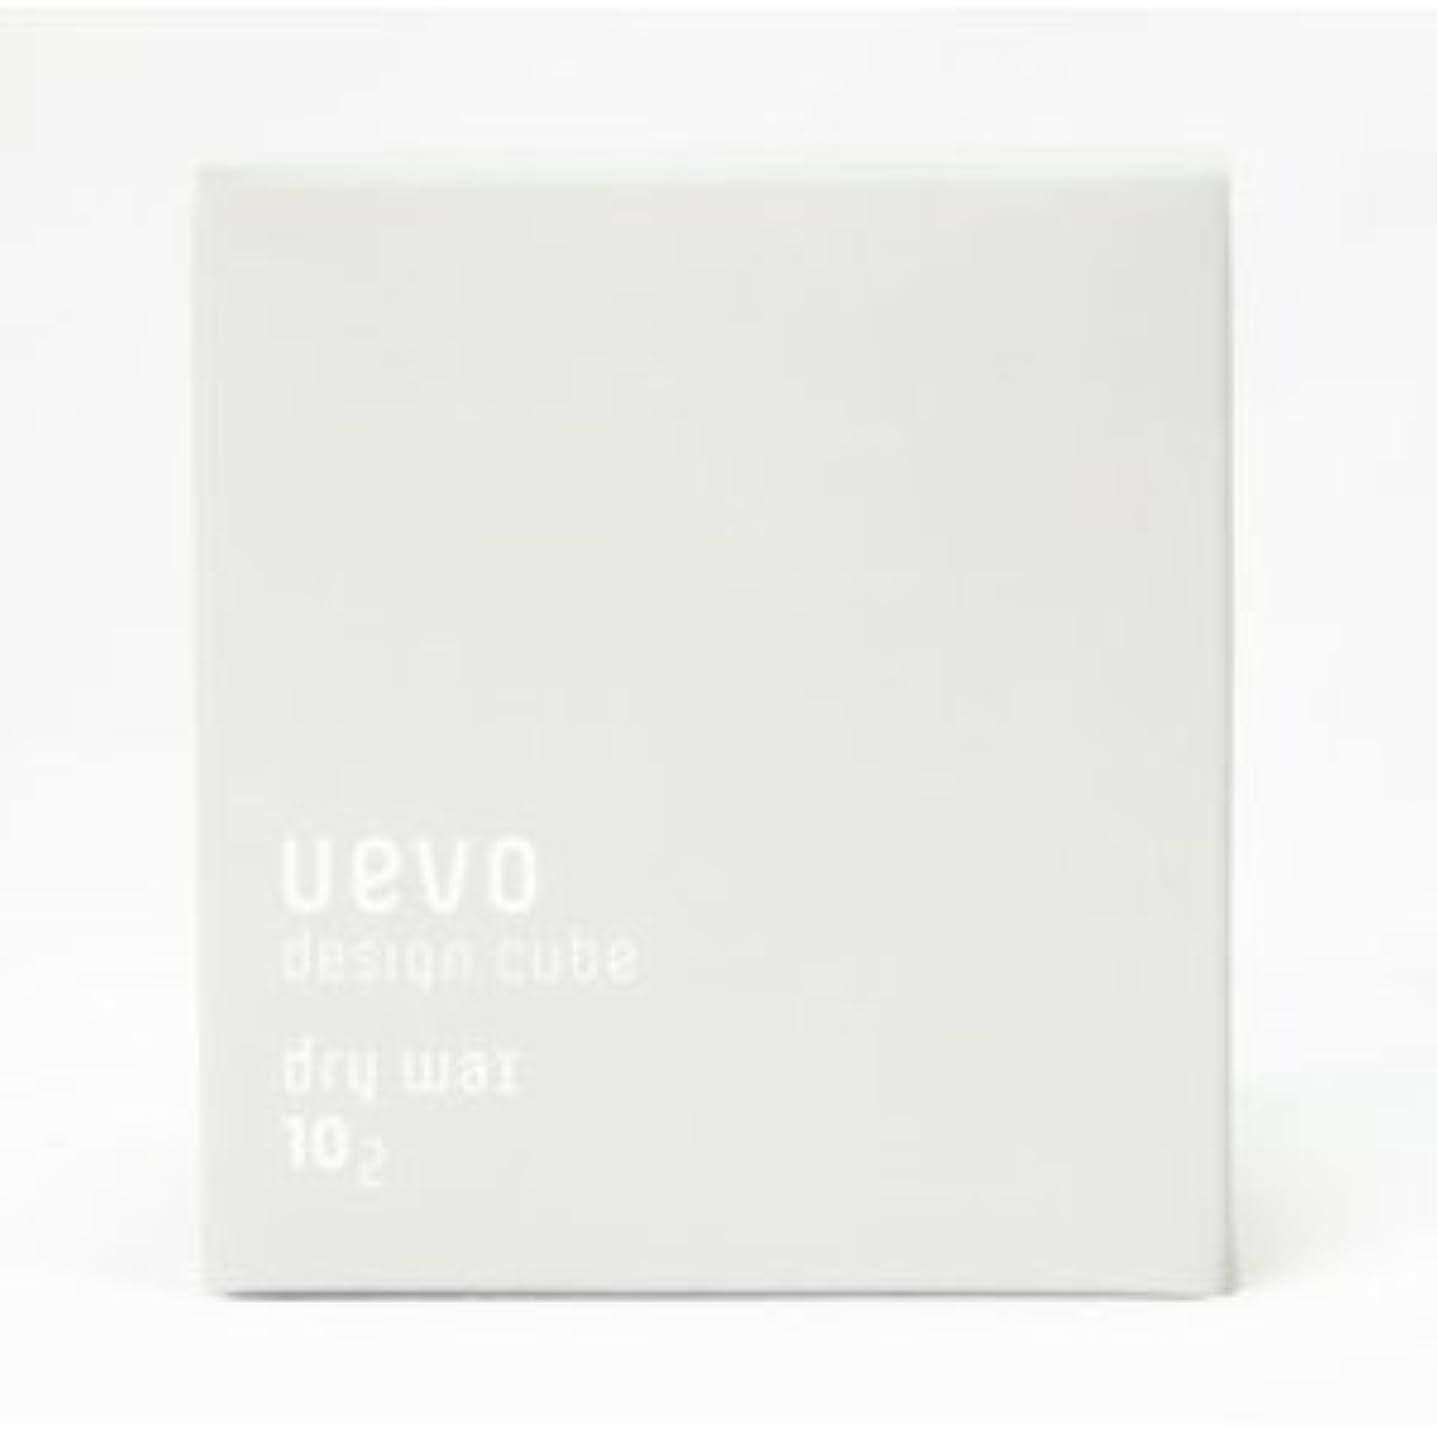 狂人花嫁製造業【X2個セット】 デミ ウェーボ デザインキューブ ドライワックス 80g dry wax